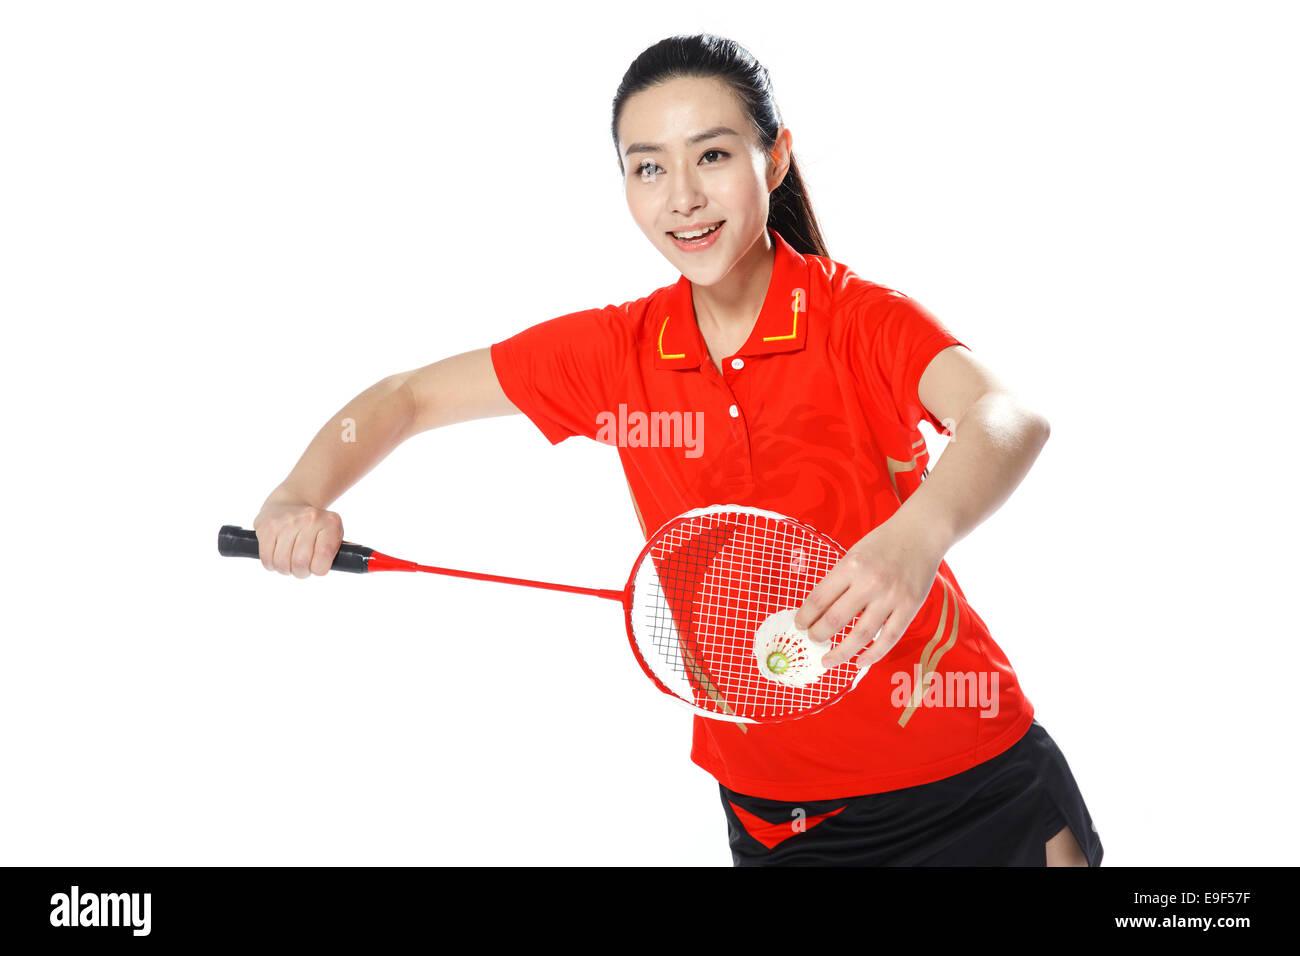 Les athlètes jouer au badminton Photo Stock